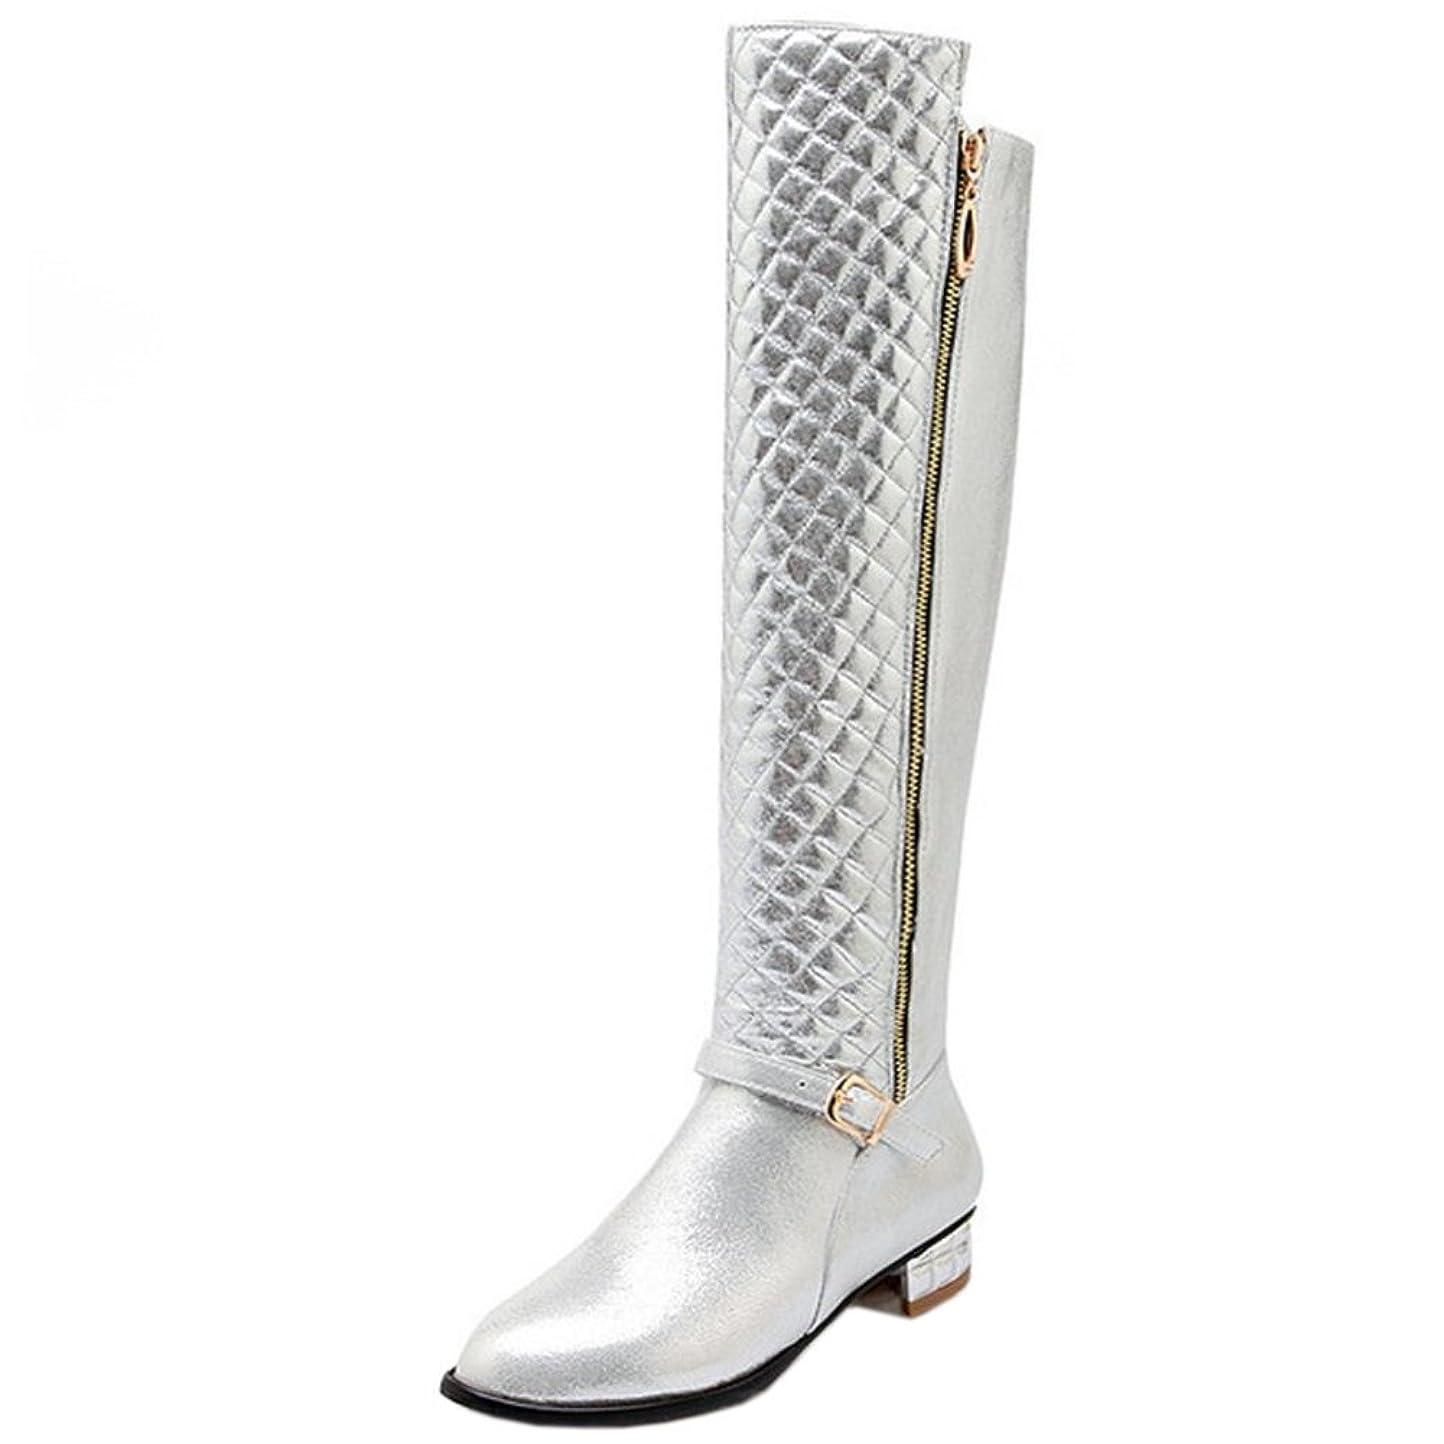 引き渡す小さい分泌する[KemeKiss] レディース ファッション ロングブーツ サイドジップ ニーハイ ブーツ 大きいサイズ